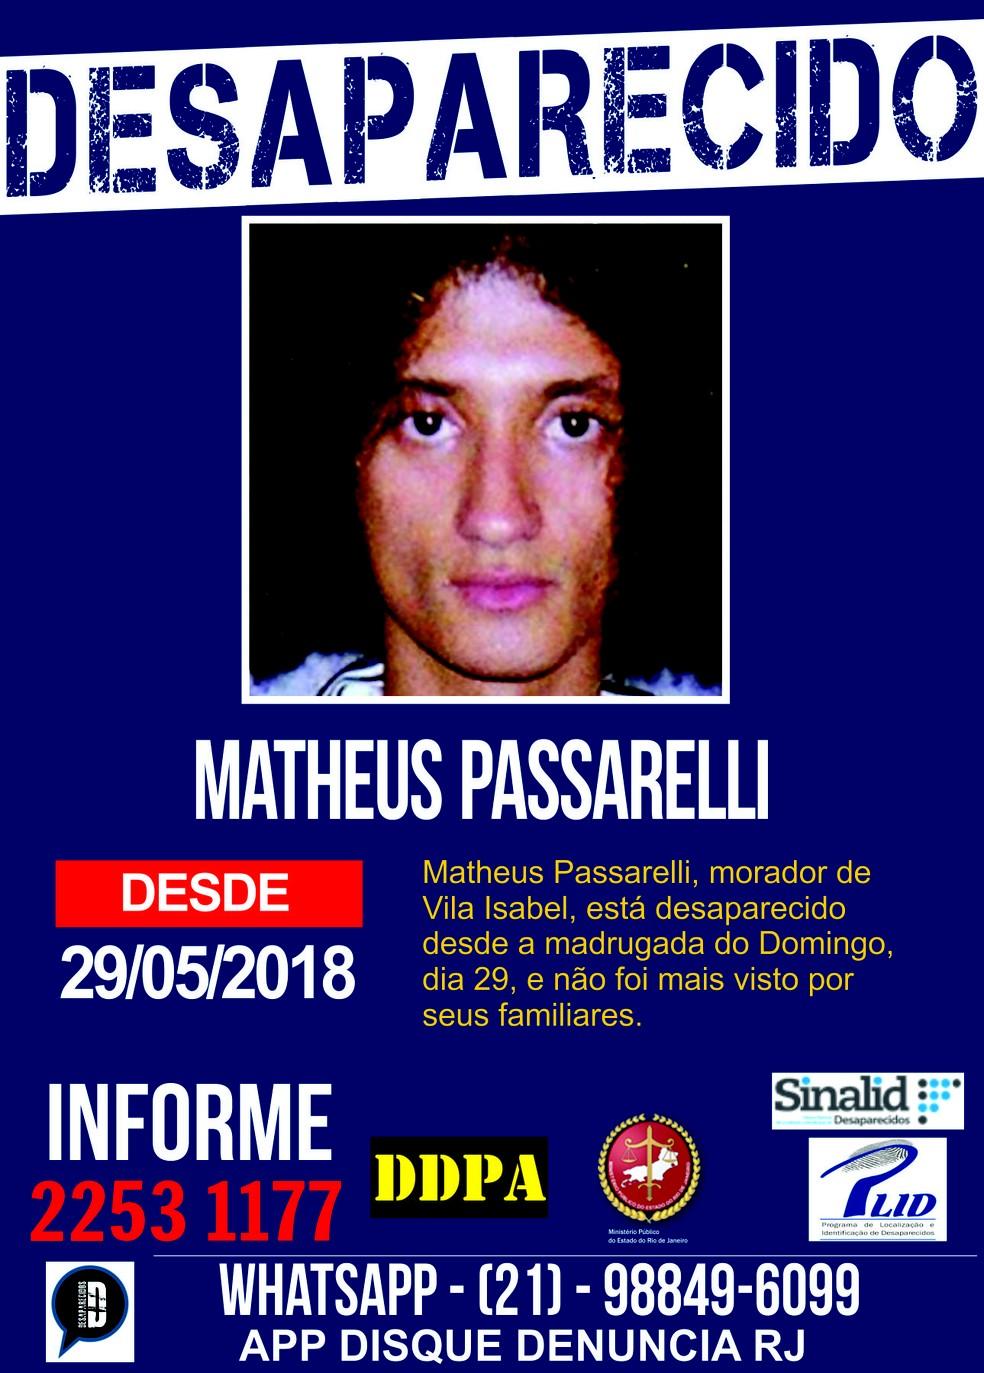 Portal dos Procurados pede informações sobre o estudante desaparecido (Foto: Divulgação)